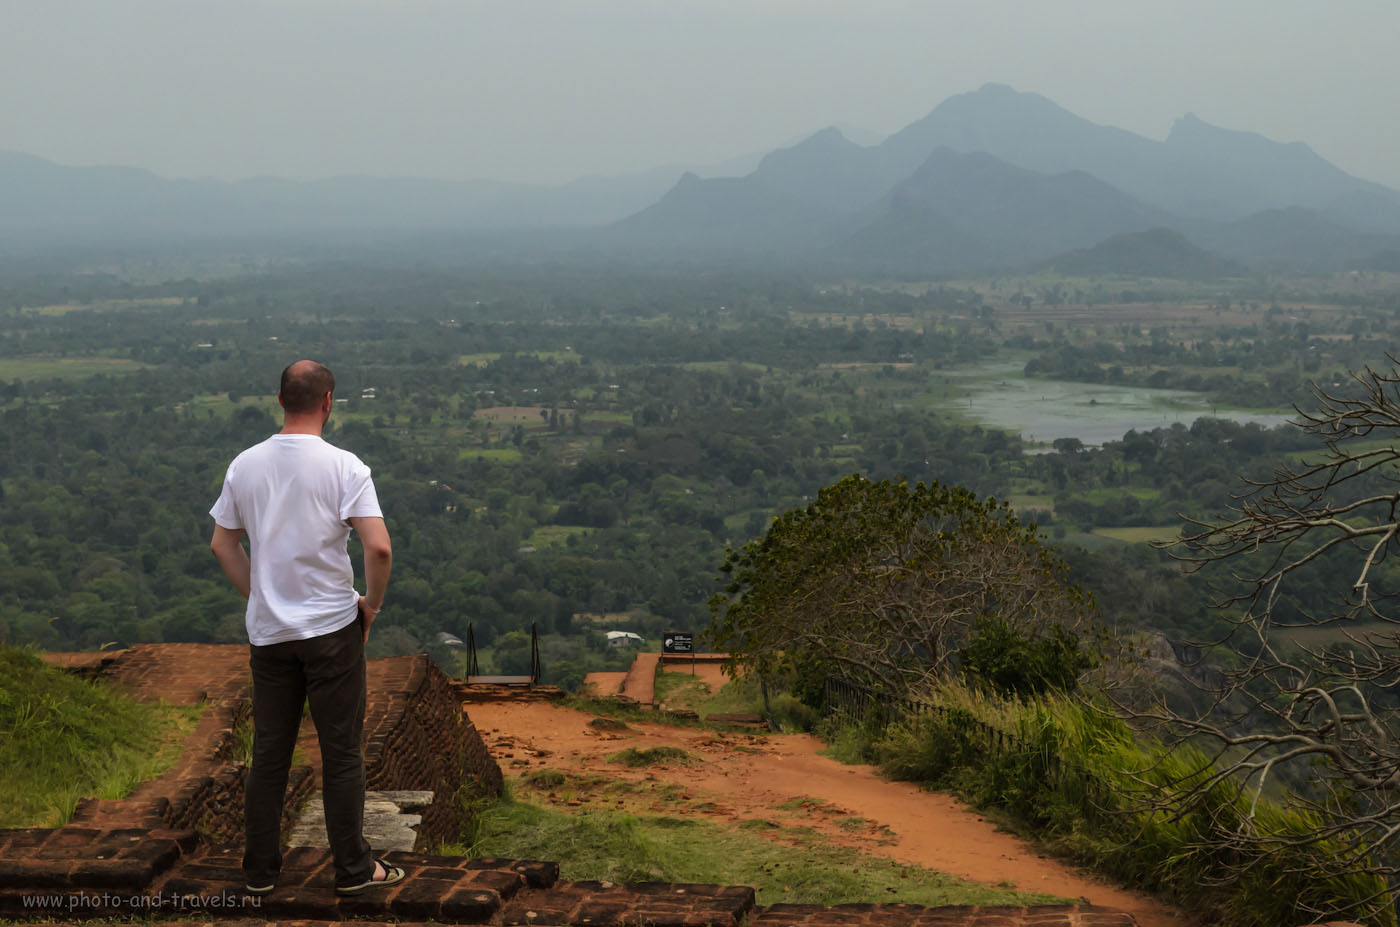 Фотография 11. Видны на окрестности с вершины. Какие интересные места можно посетить на Шри-Ланке. Советы, как добраться до Львиной горы и стоит ли это делать. 1/3200, 8.0, -0.67 EV, 640, 52.